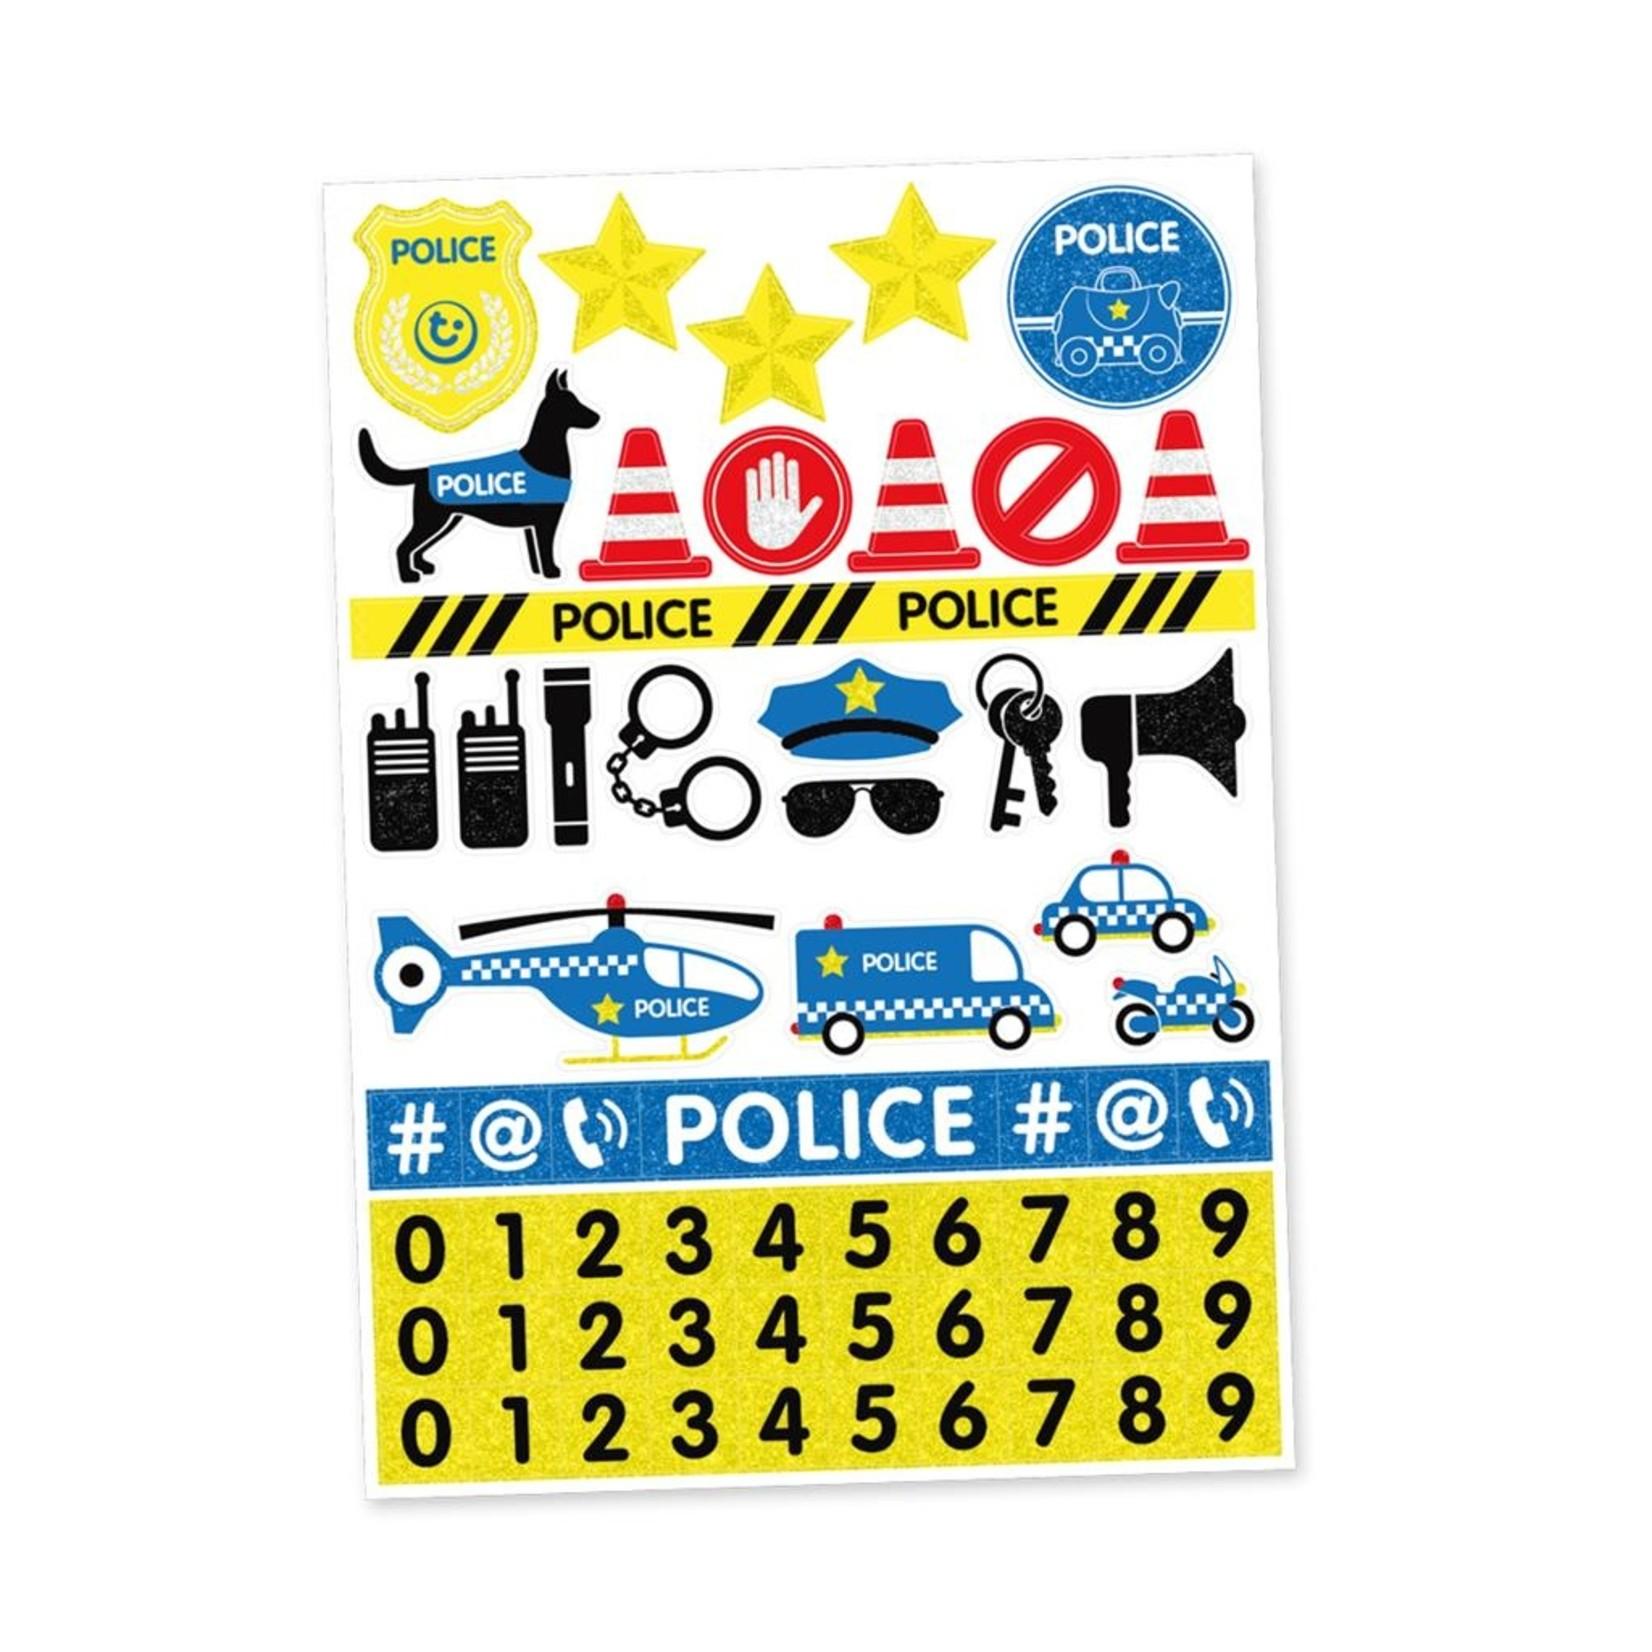 Trunki Trunki Valiesje Ride-on Politiewagen Percy